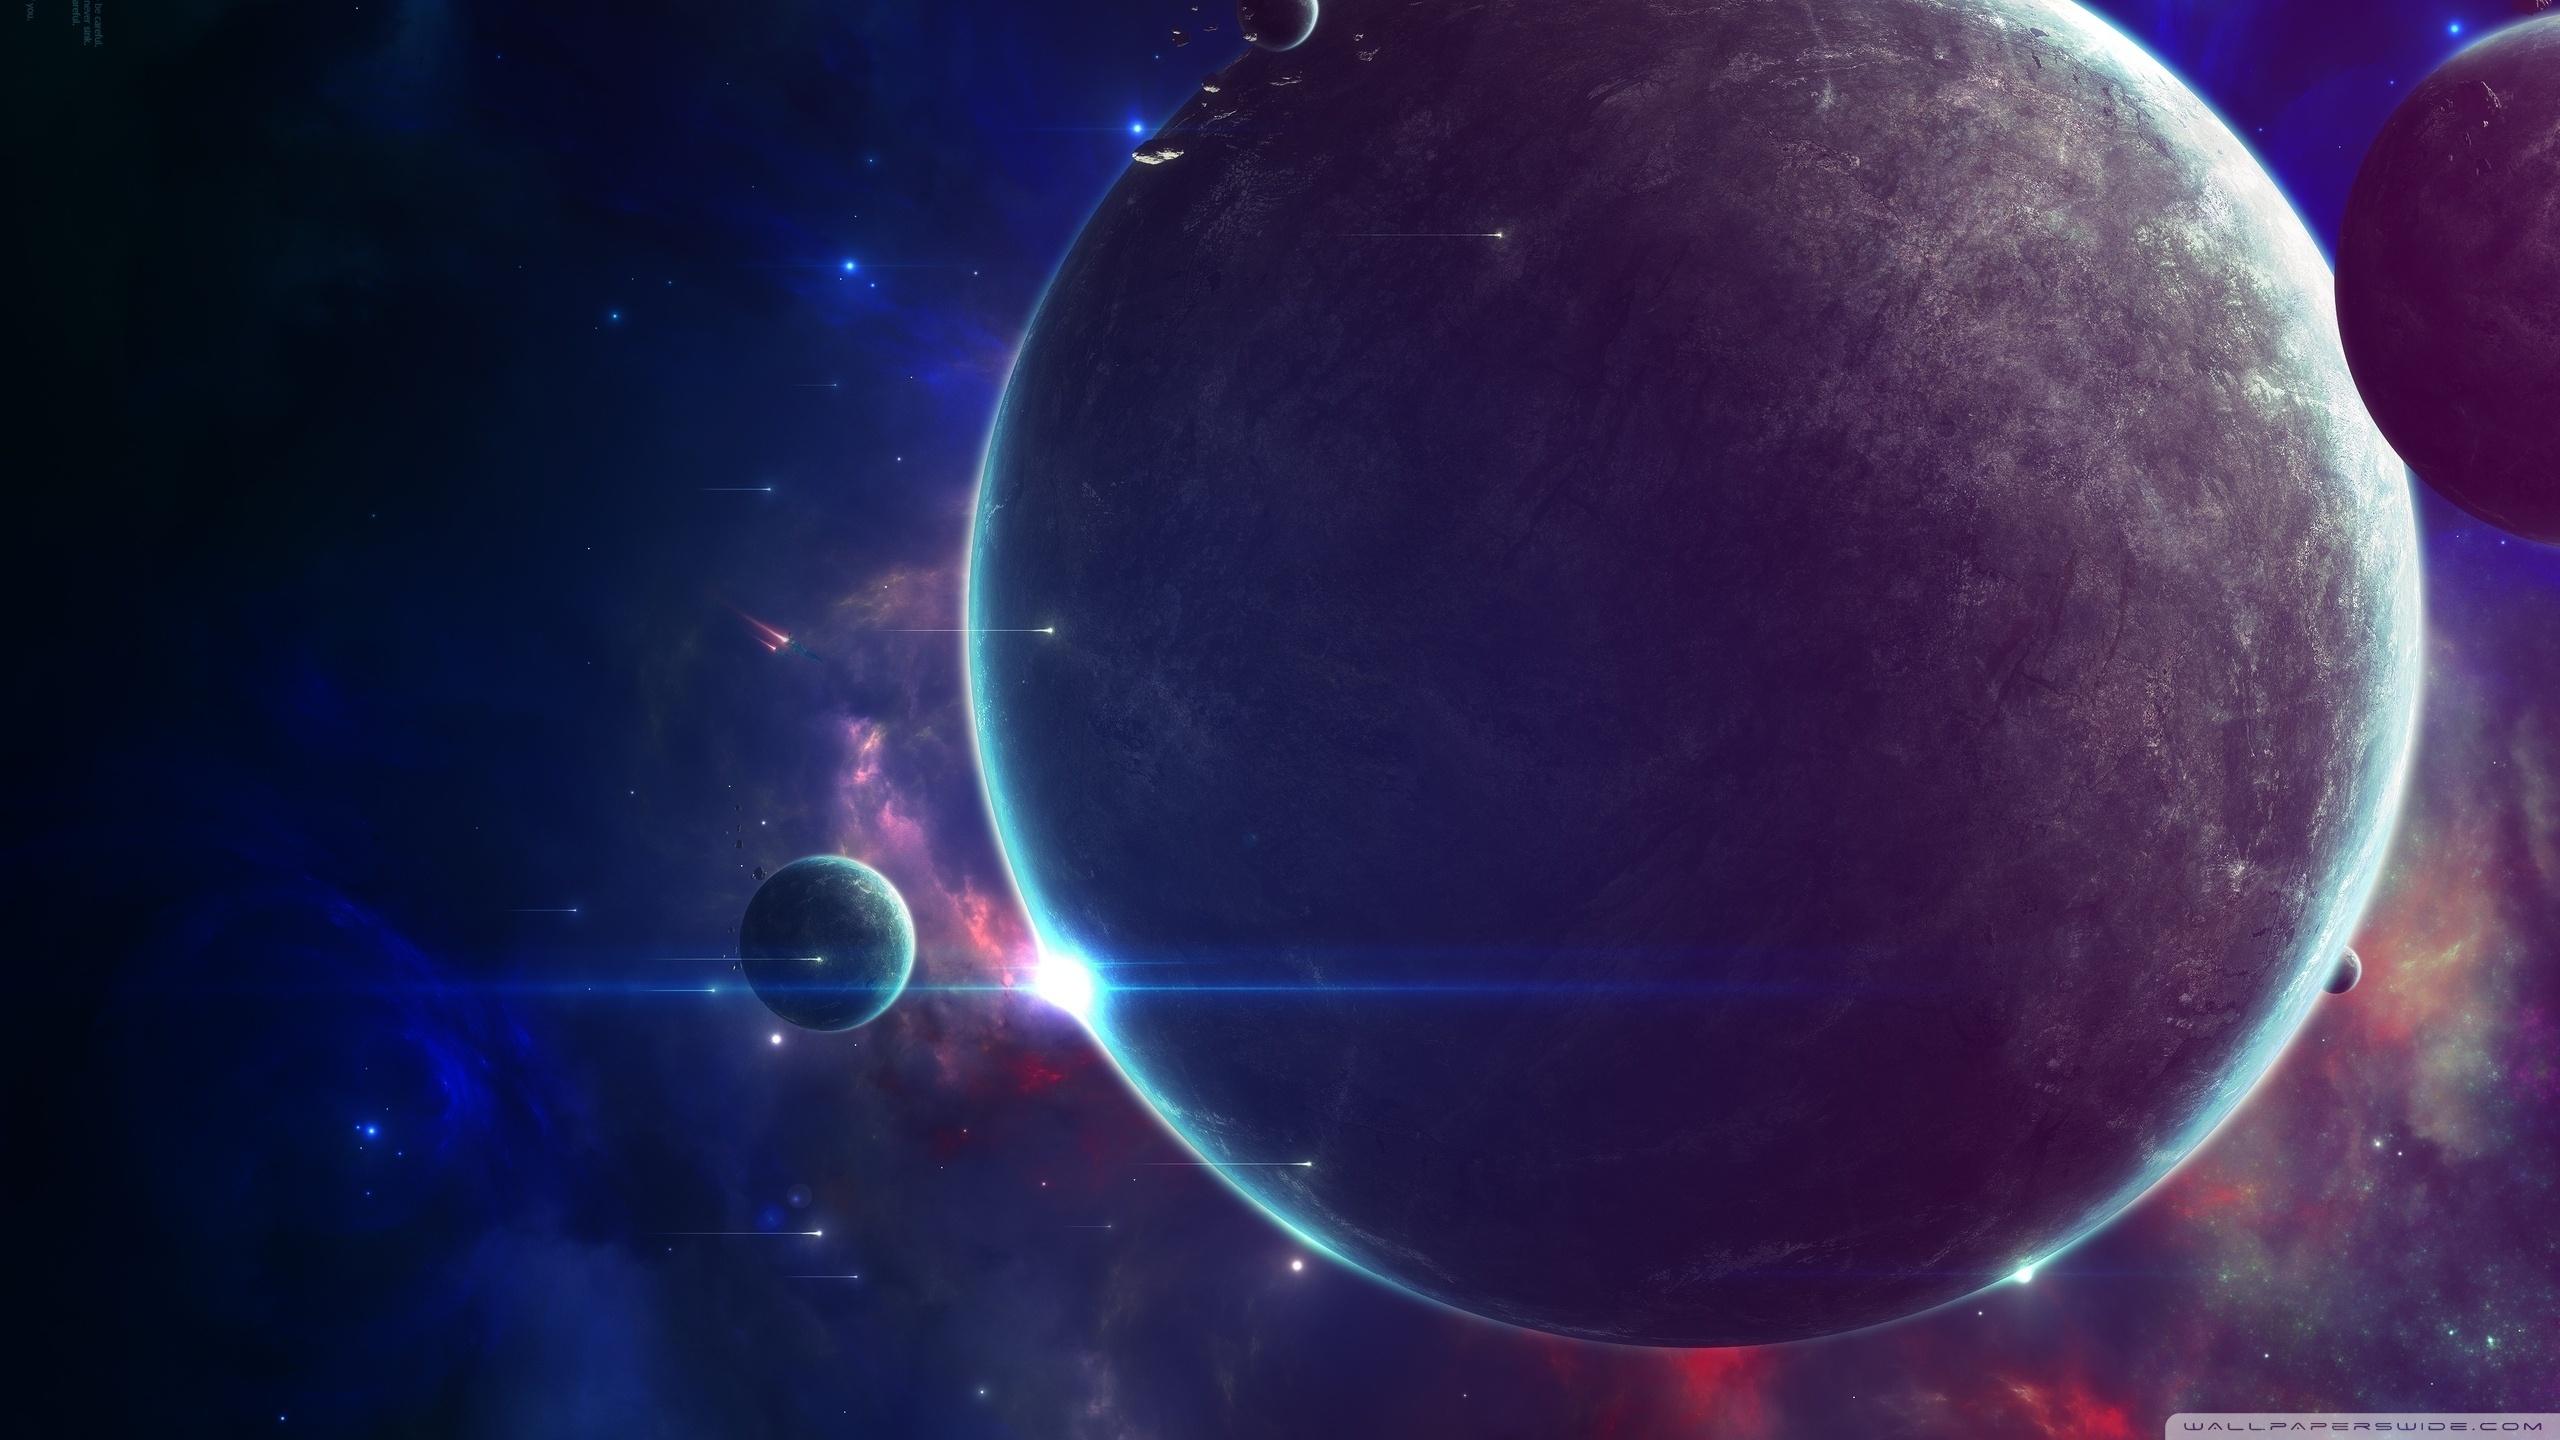 close planets art wallpaper 2560x1440 2560x1440